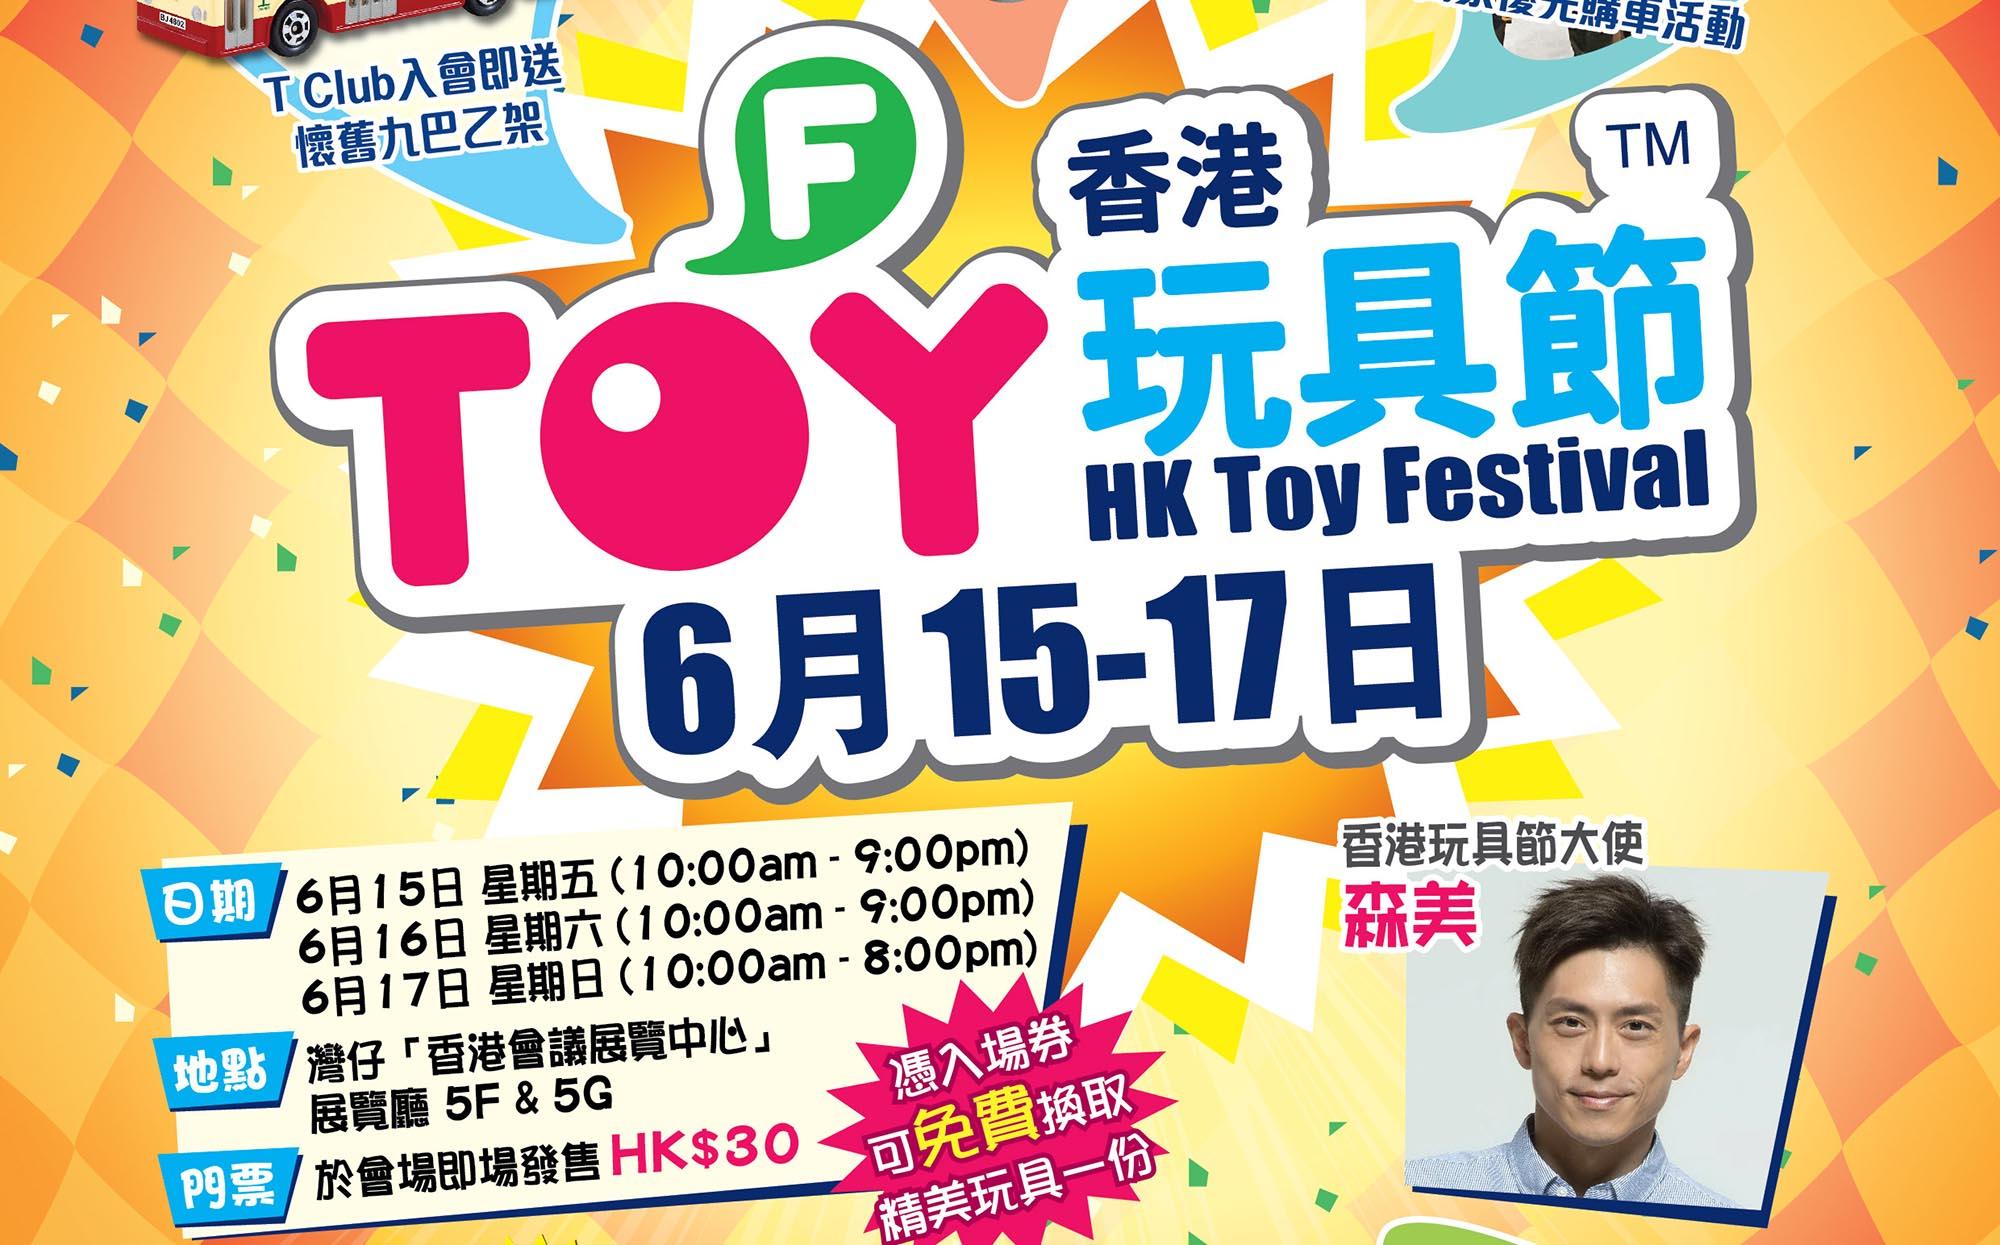 第 4 屆香港玩具節  6 月 15 日開鑼  玩具迷年度盛事焦點預告